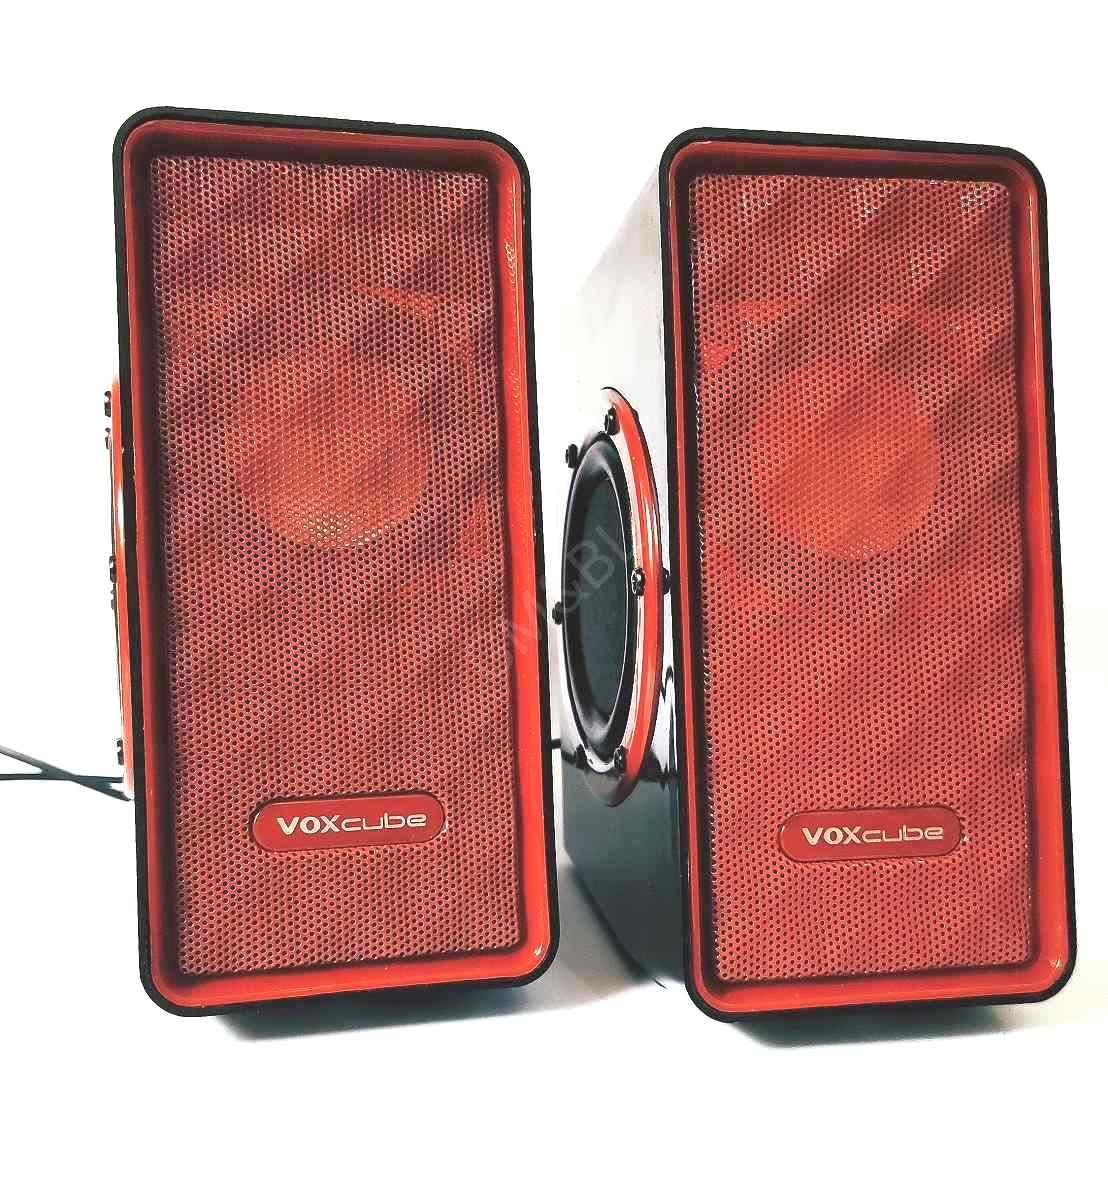 Caixa De Som Infokit Vc-d400 P/ Computador E Smartphone 8w Super Bass